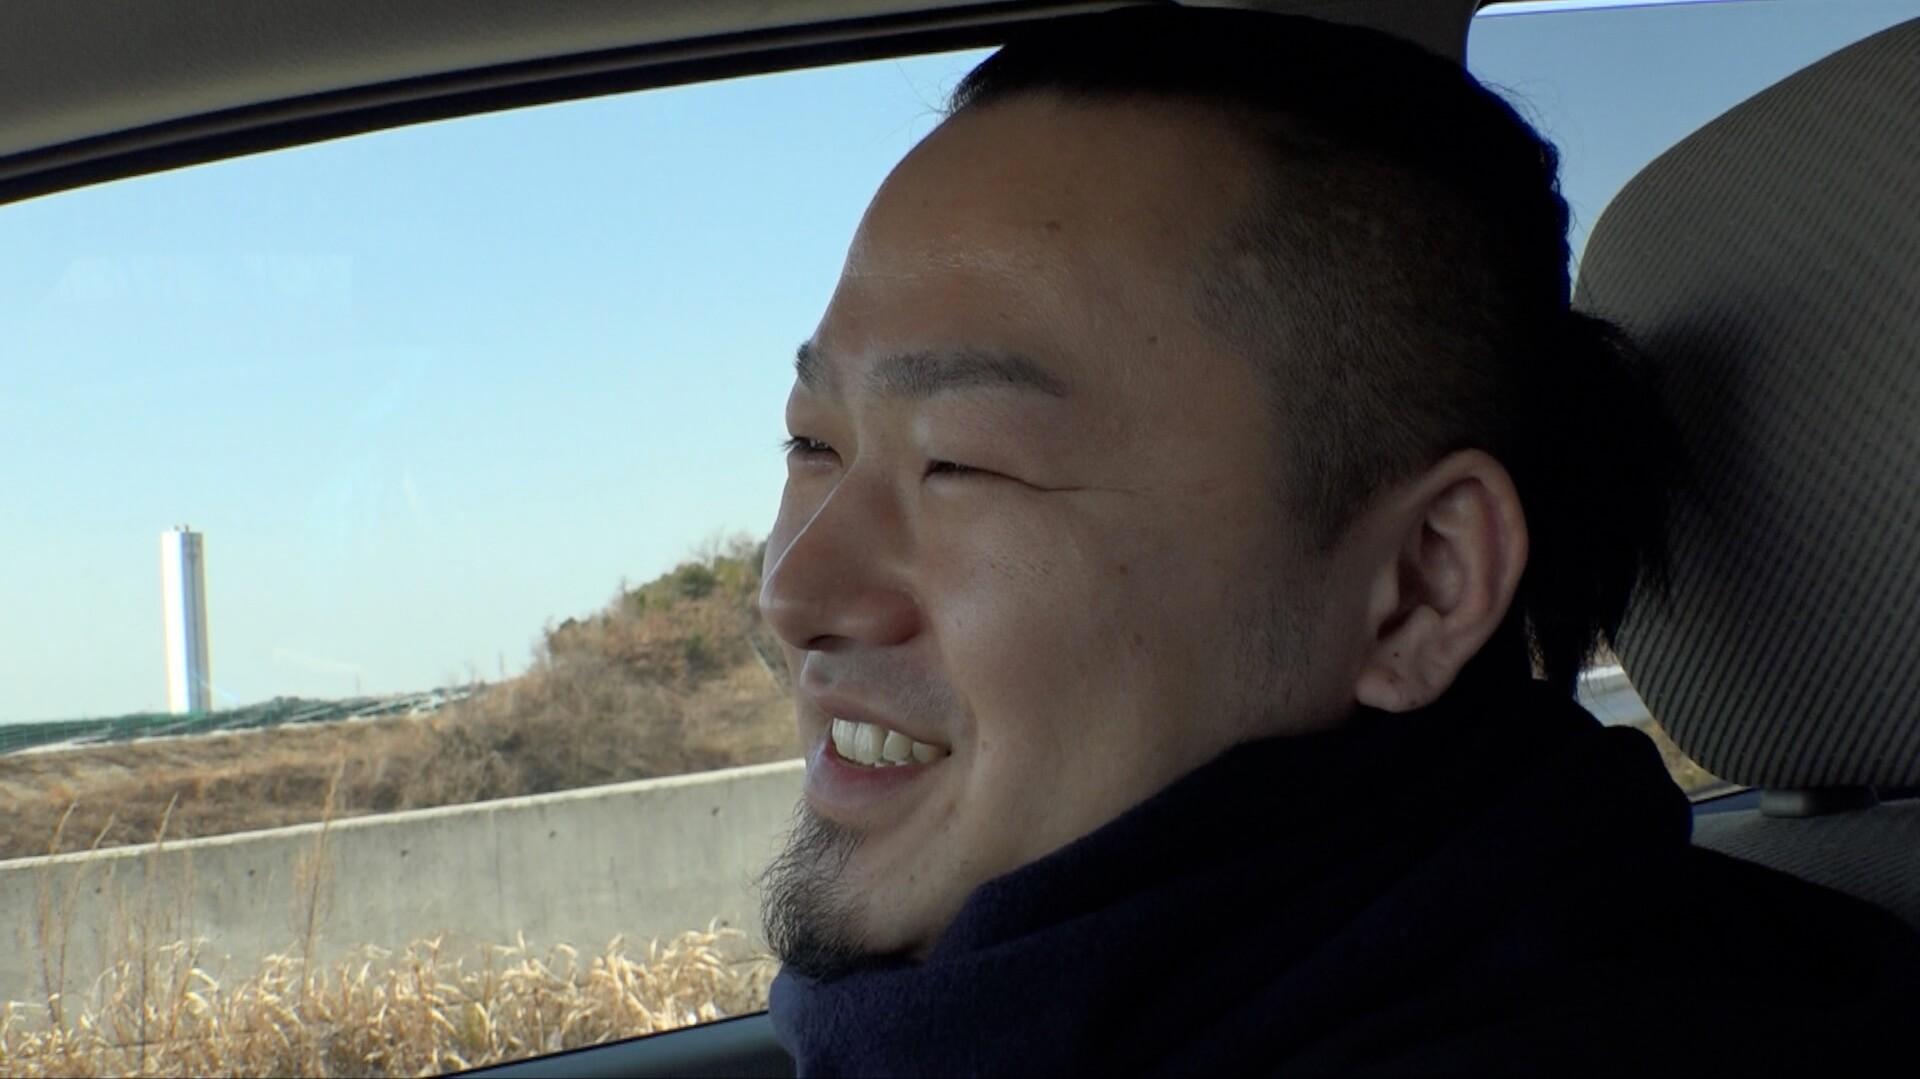 神戸のラッパー・小林勝行を記録したドキュメンタリー『寛解の連続』がアップリンク渋谷にて劇場公開決定 film210226_kankainorenzoku_9